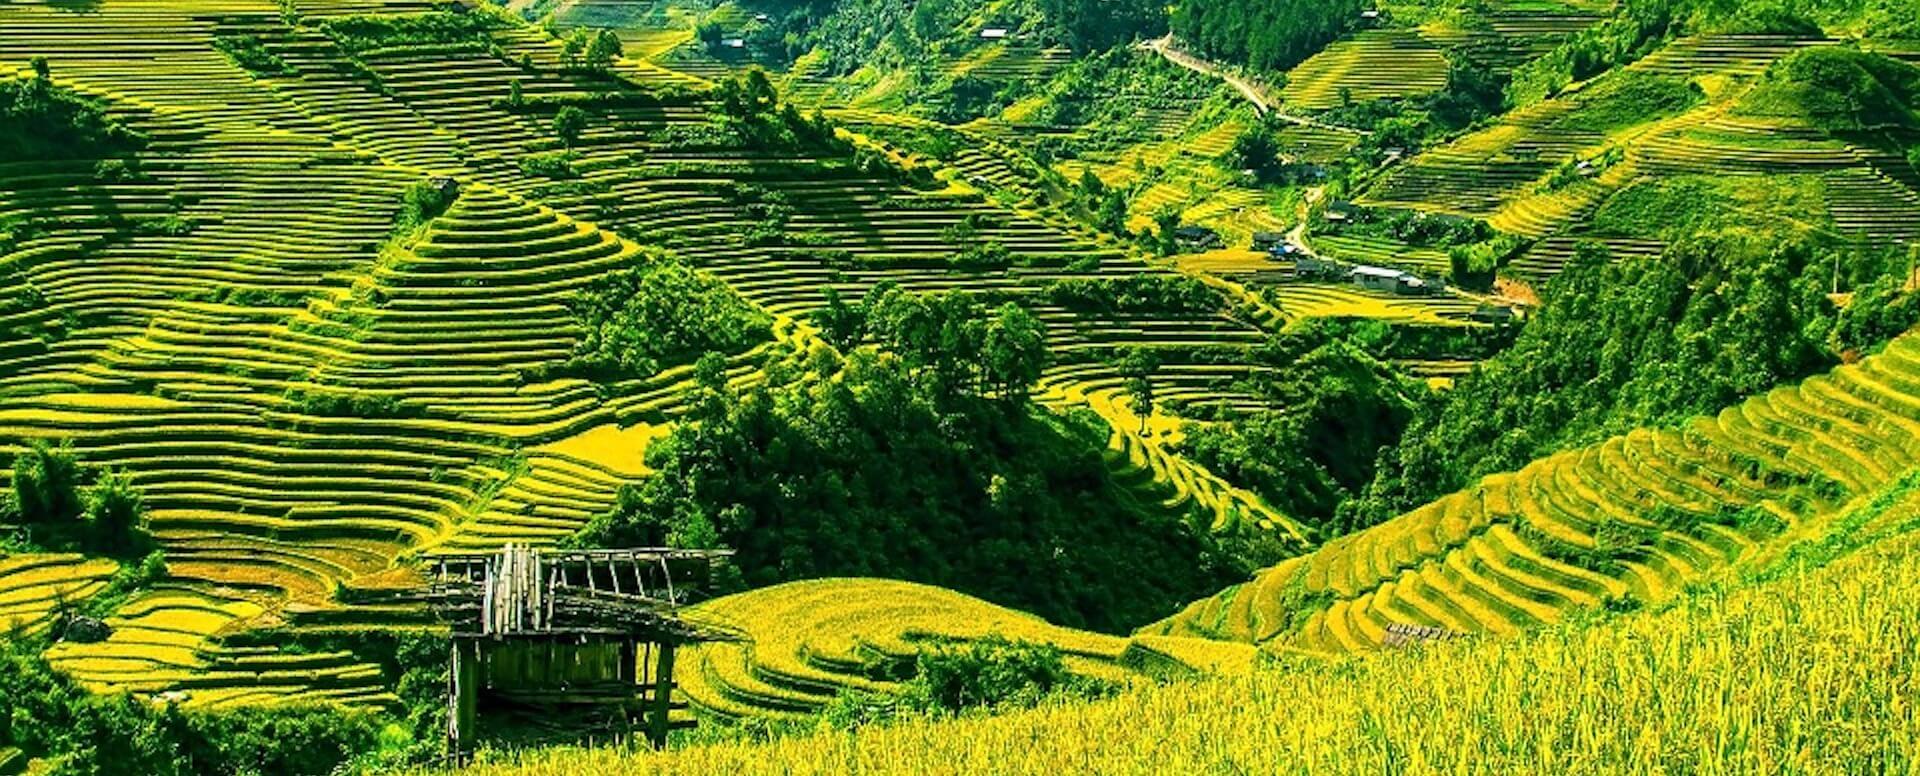 Paysages de rizières - Indonésie